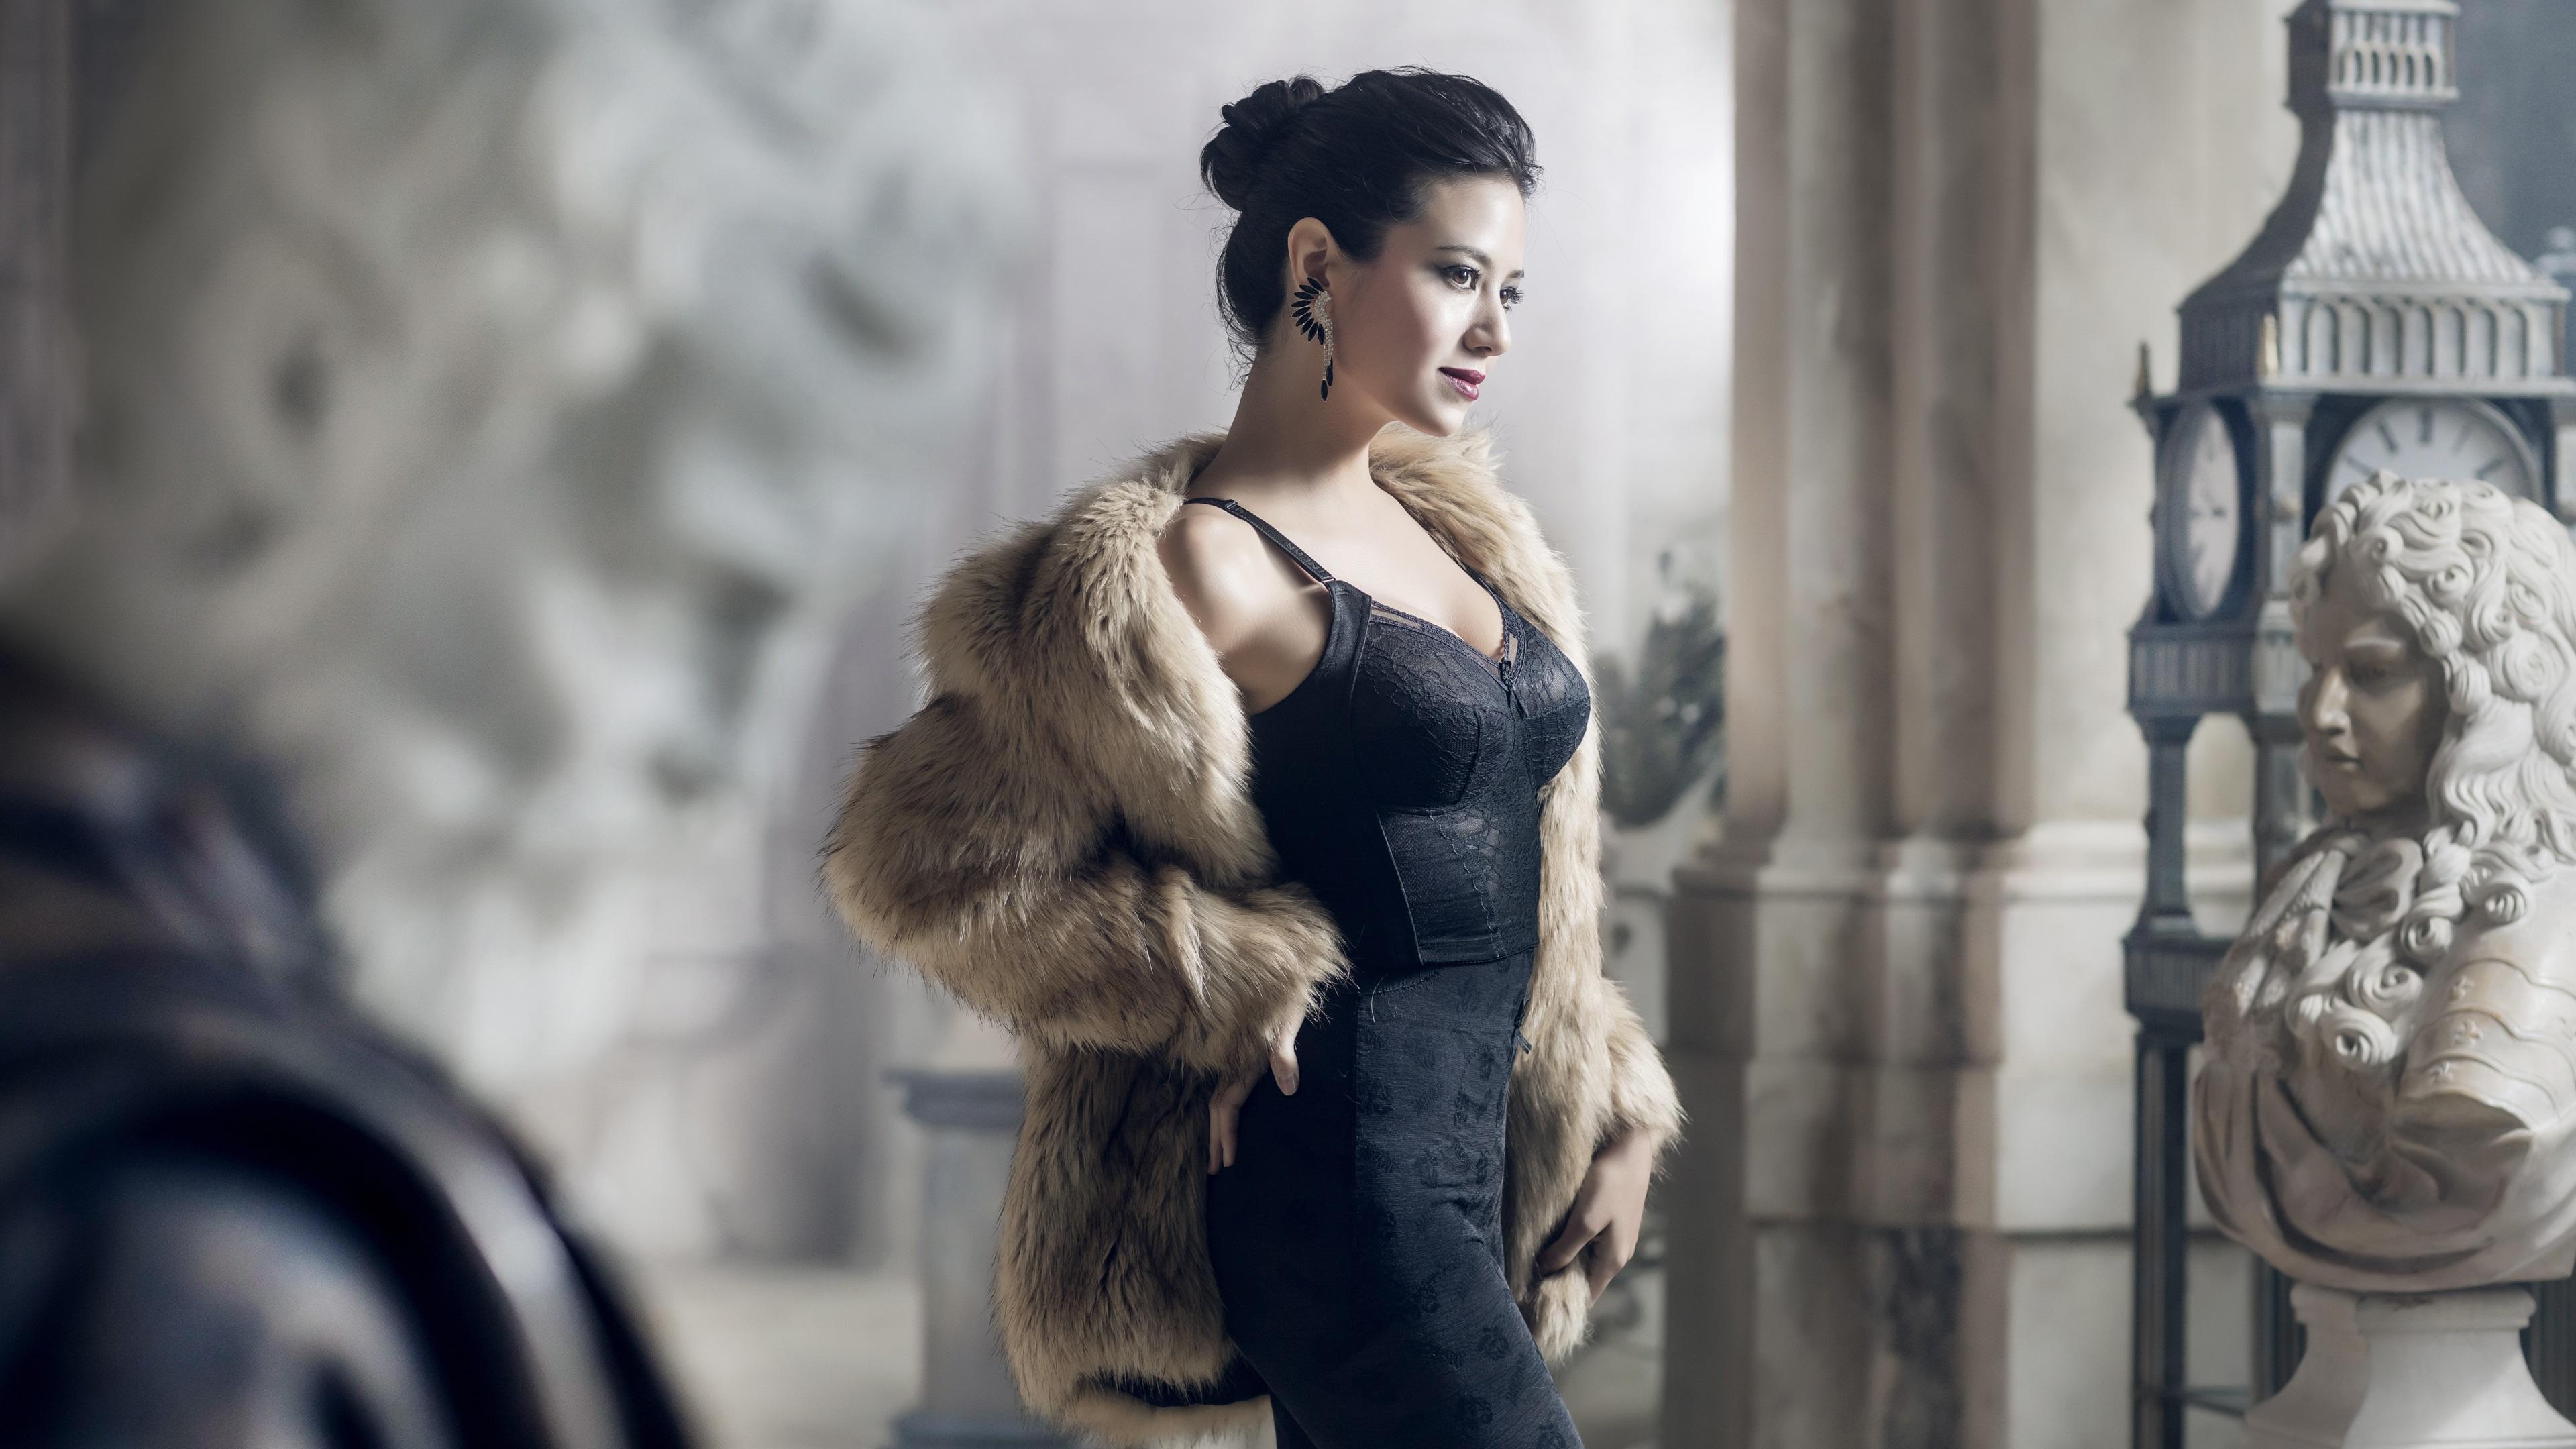 Фотографии брюнетки шубе позирует молодые женщины Скульптуры платья Брюнетка брюнеток Шуба шубой Поза девушка Девушки молодая женщина скульптура Платье